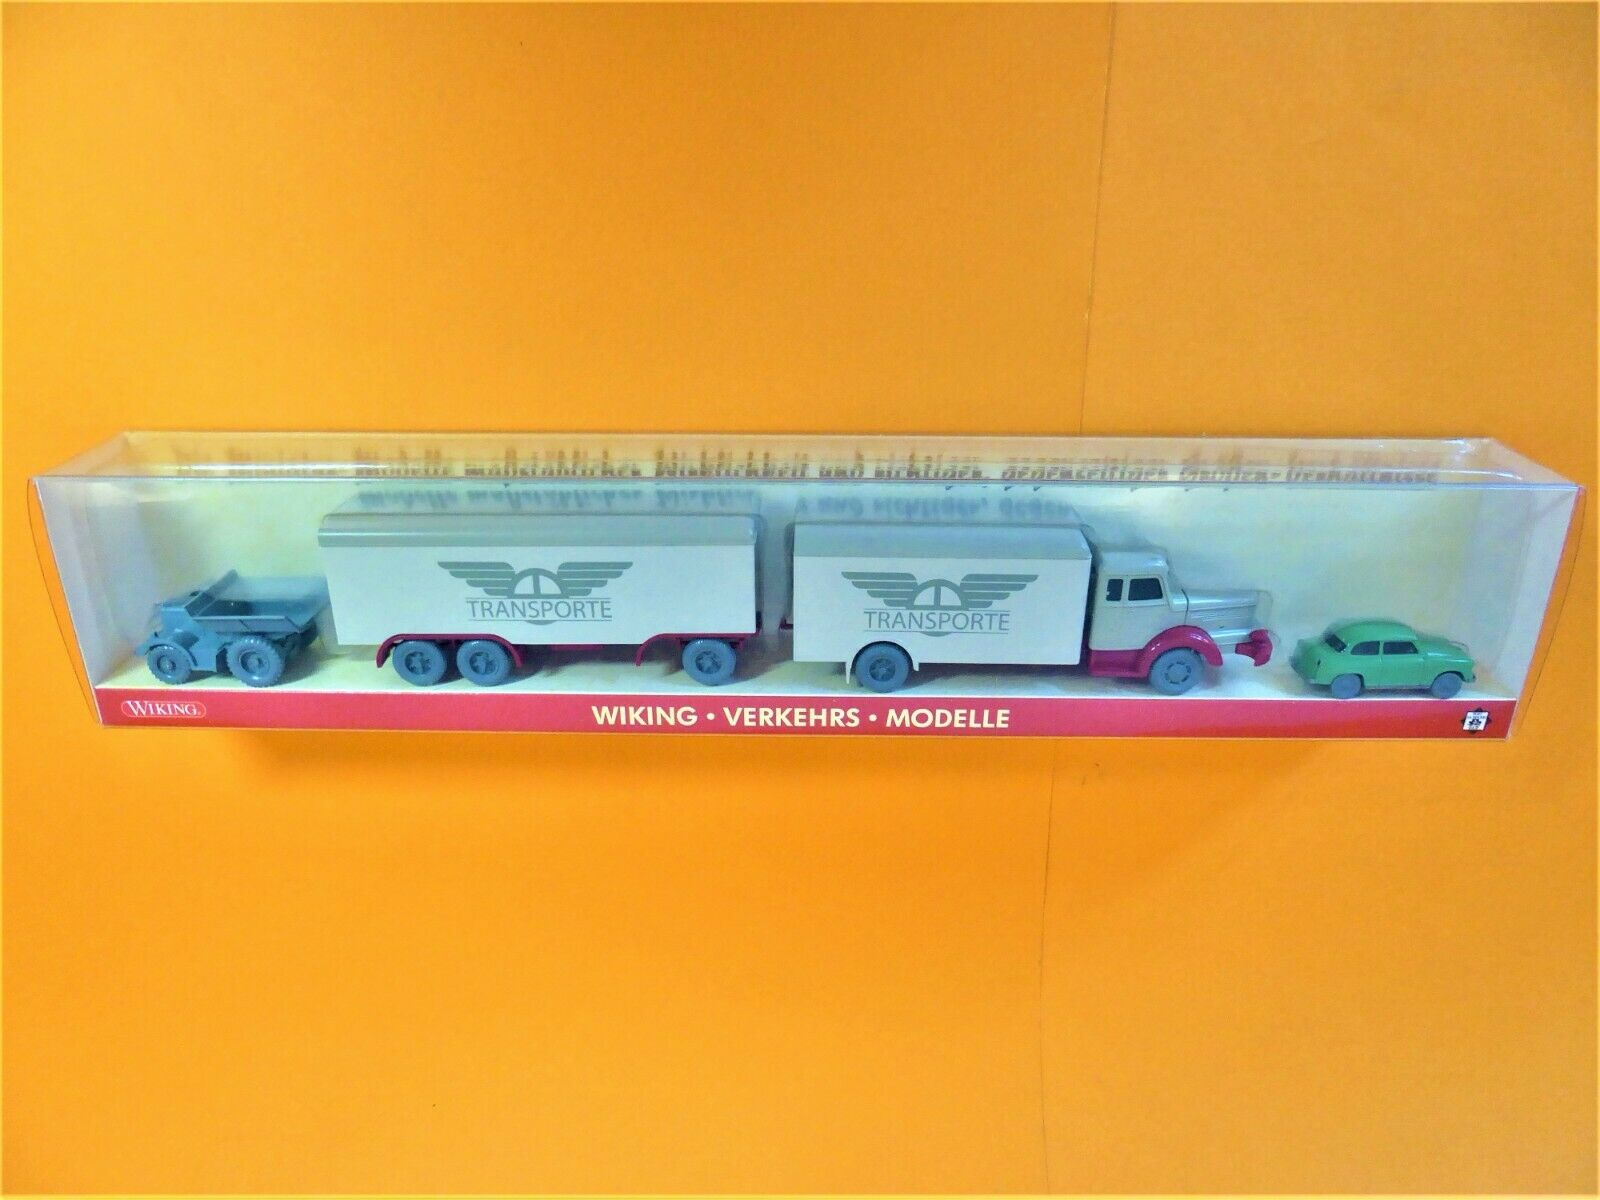 WIKING PMS 202799 PMS Verkehrs-Modelle Ausgabe Nr.49 1 87 TOP&OVP